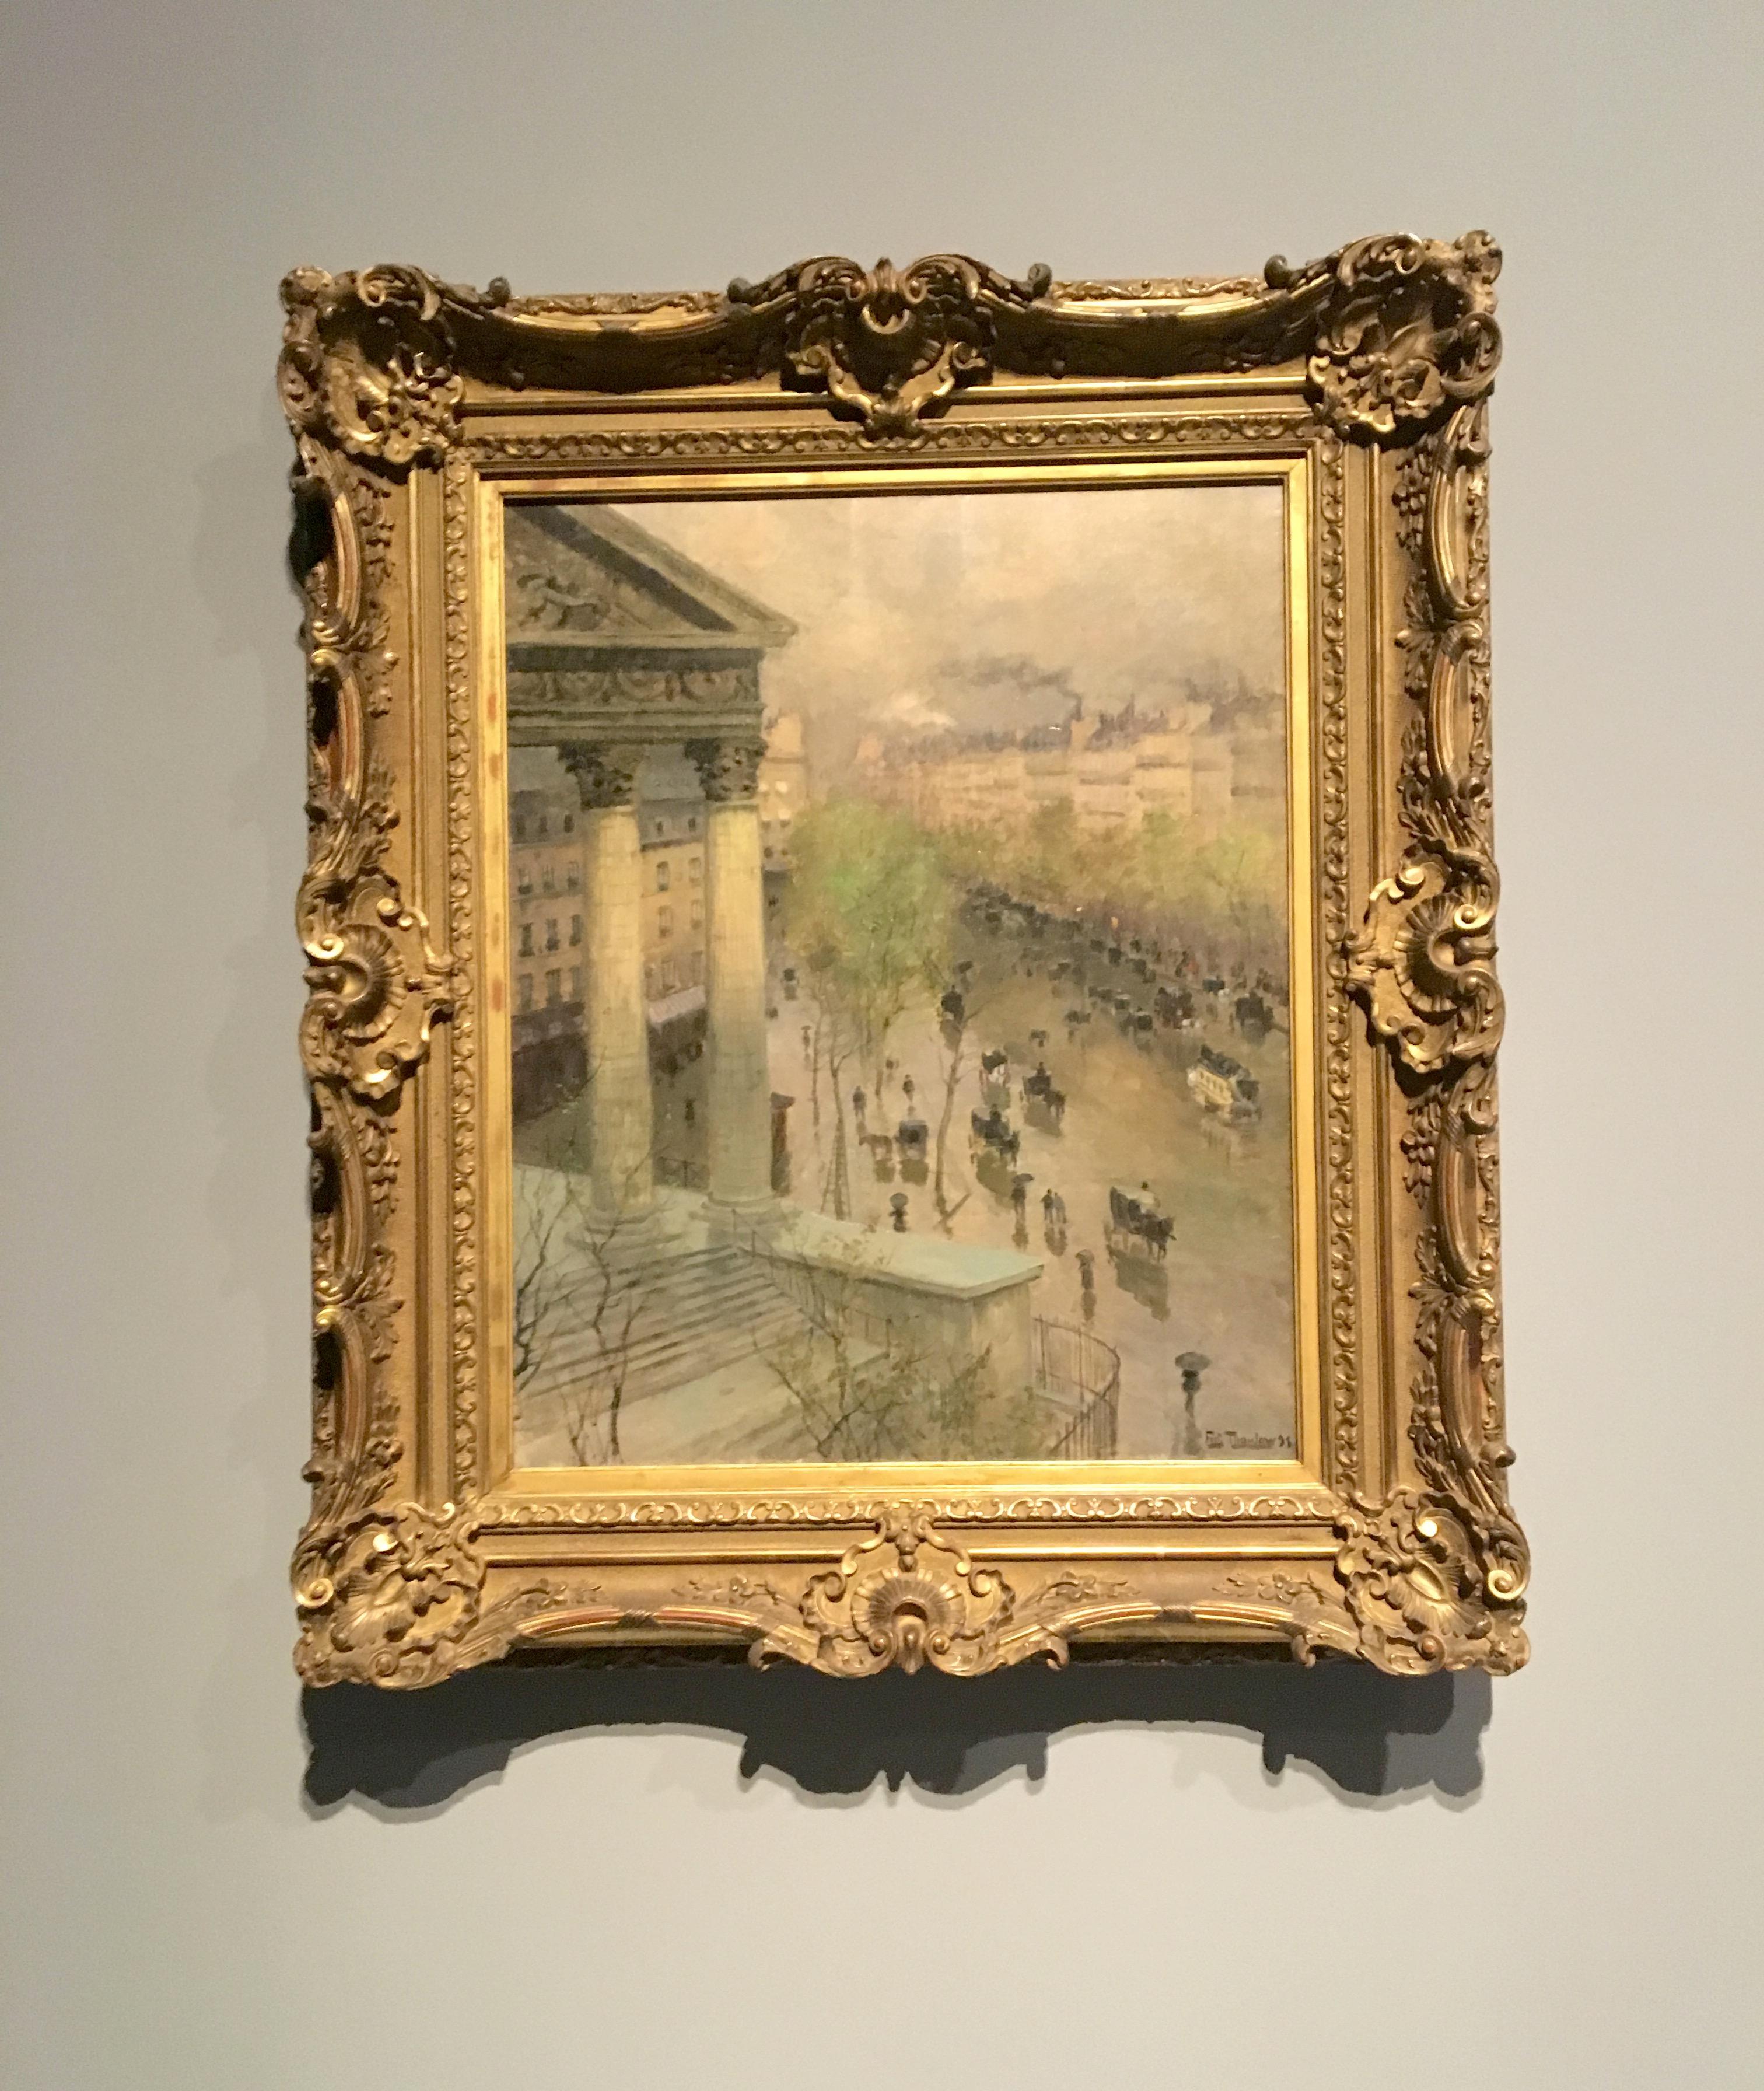 fondation louis vuitton exposition iconesde l'art moderne la collection chtchoukine